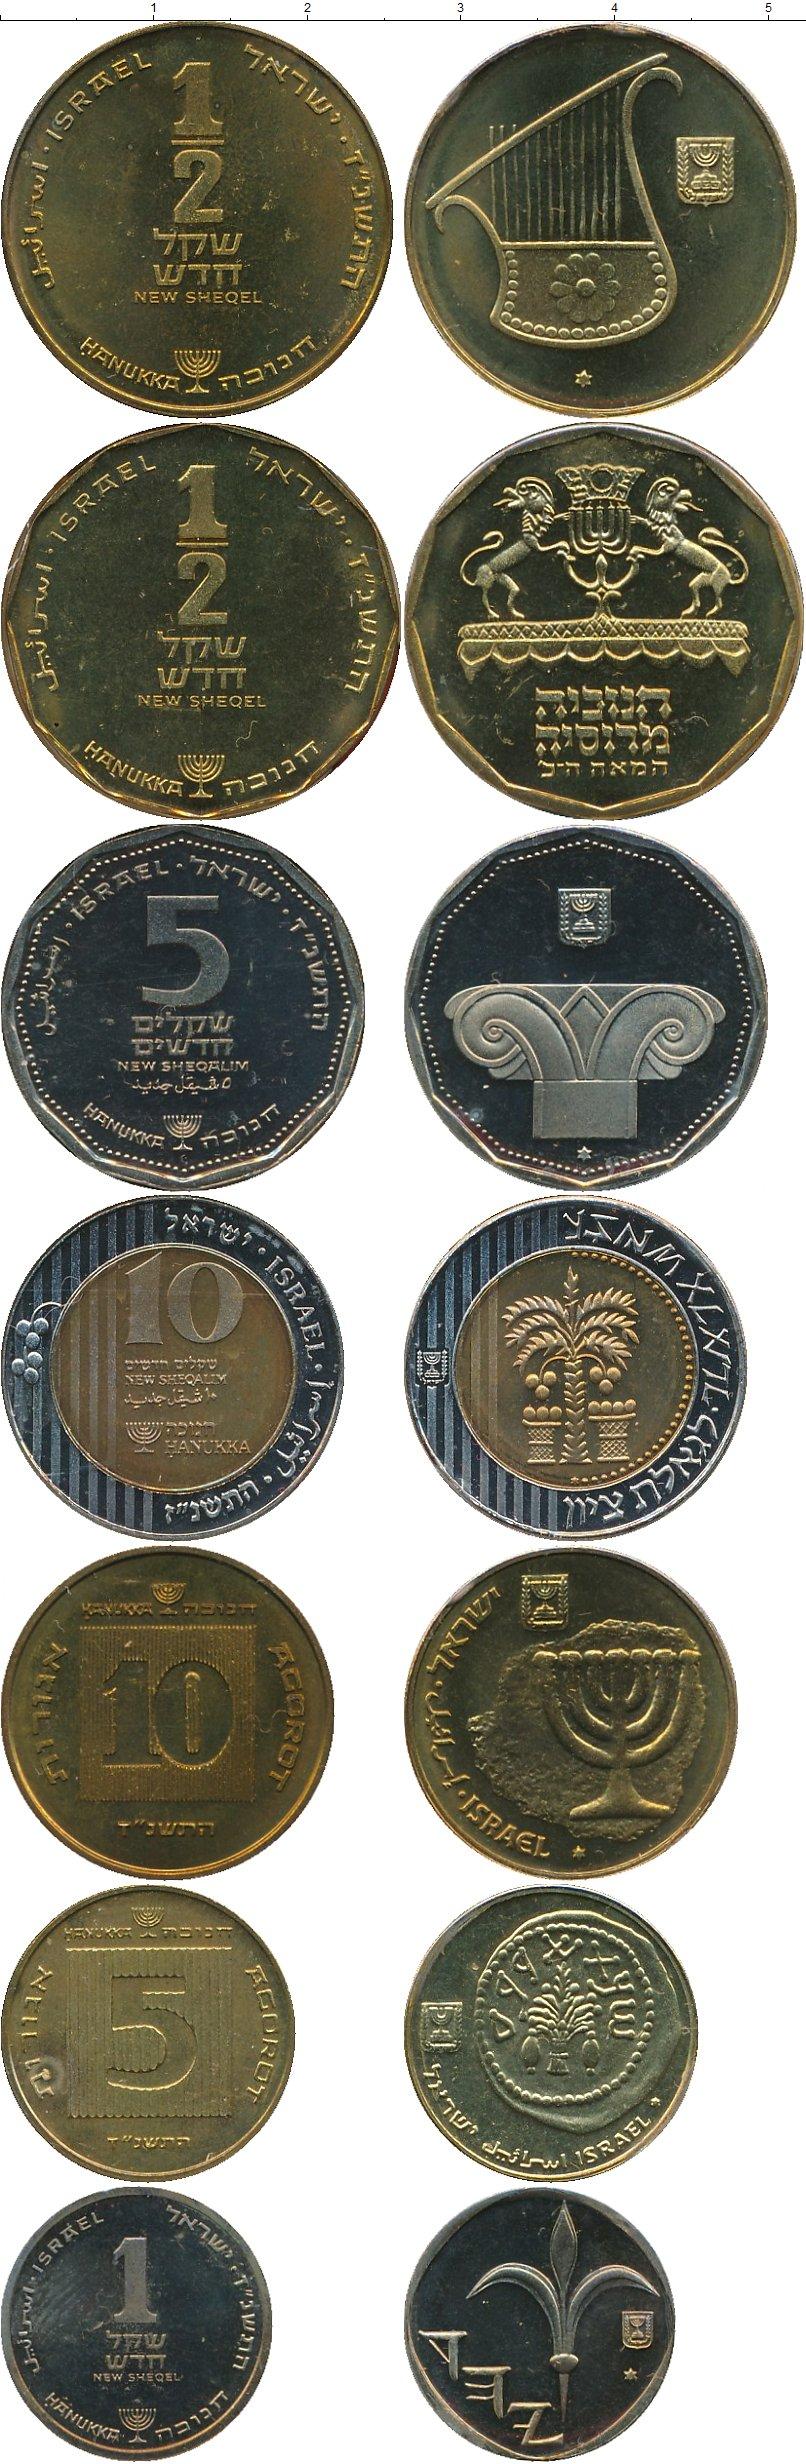 Набор монет Израиль Русское еврейство 1996 UNC фото 2